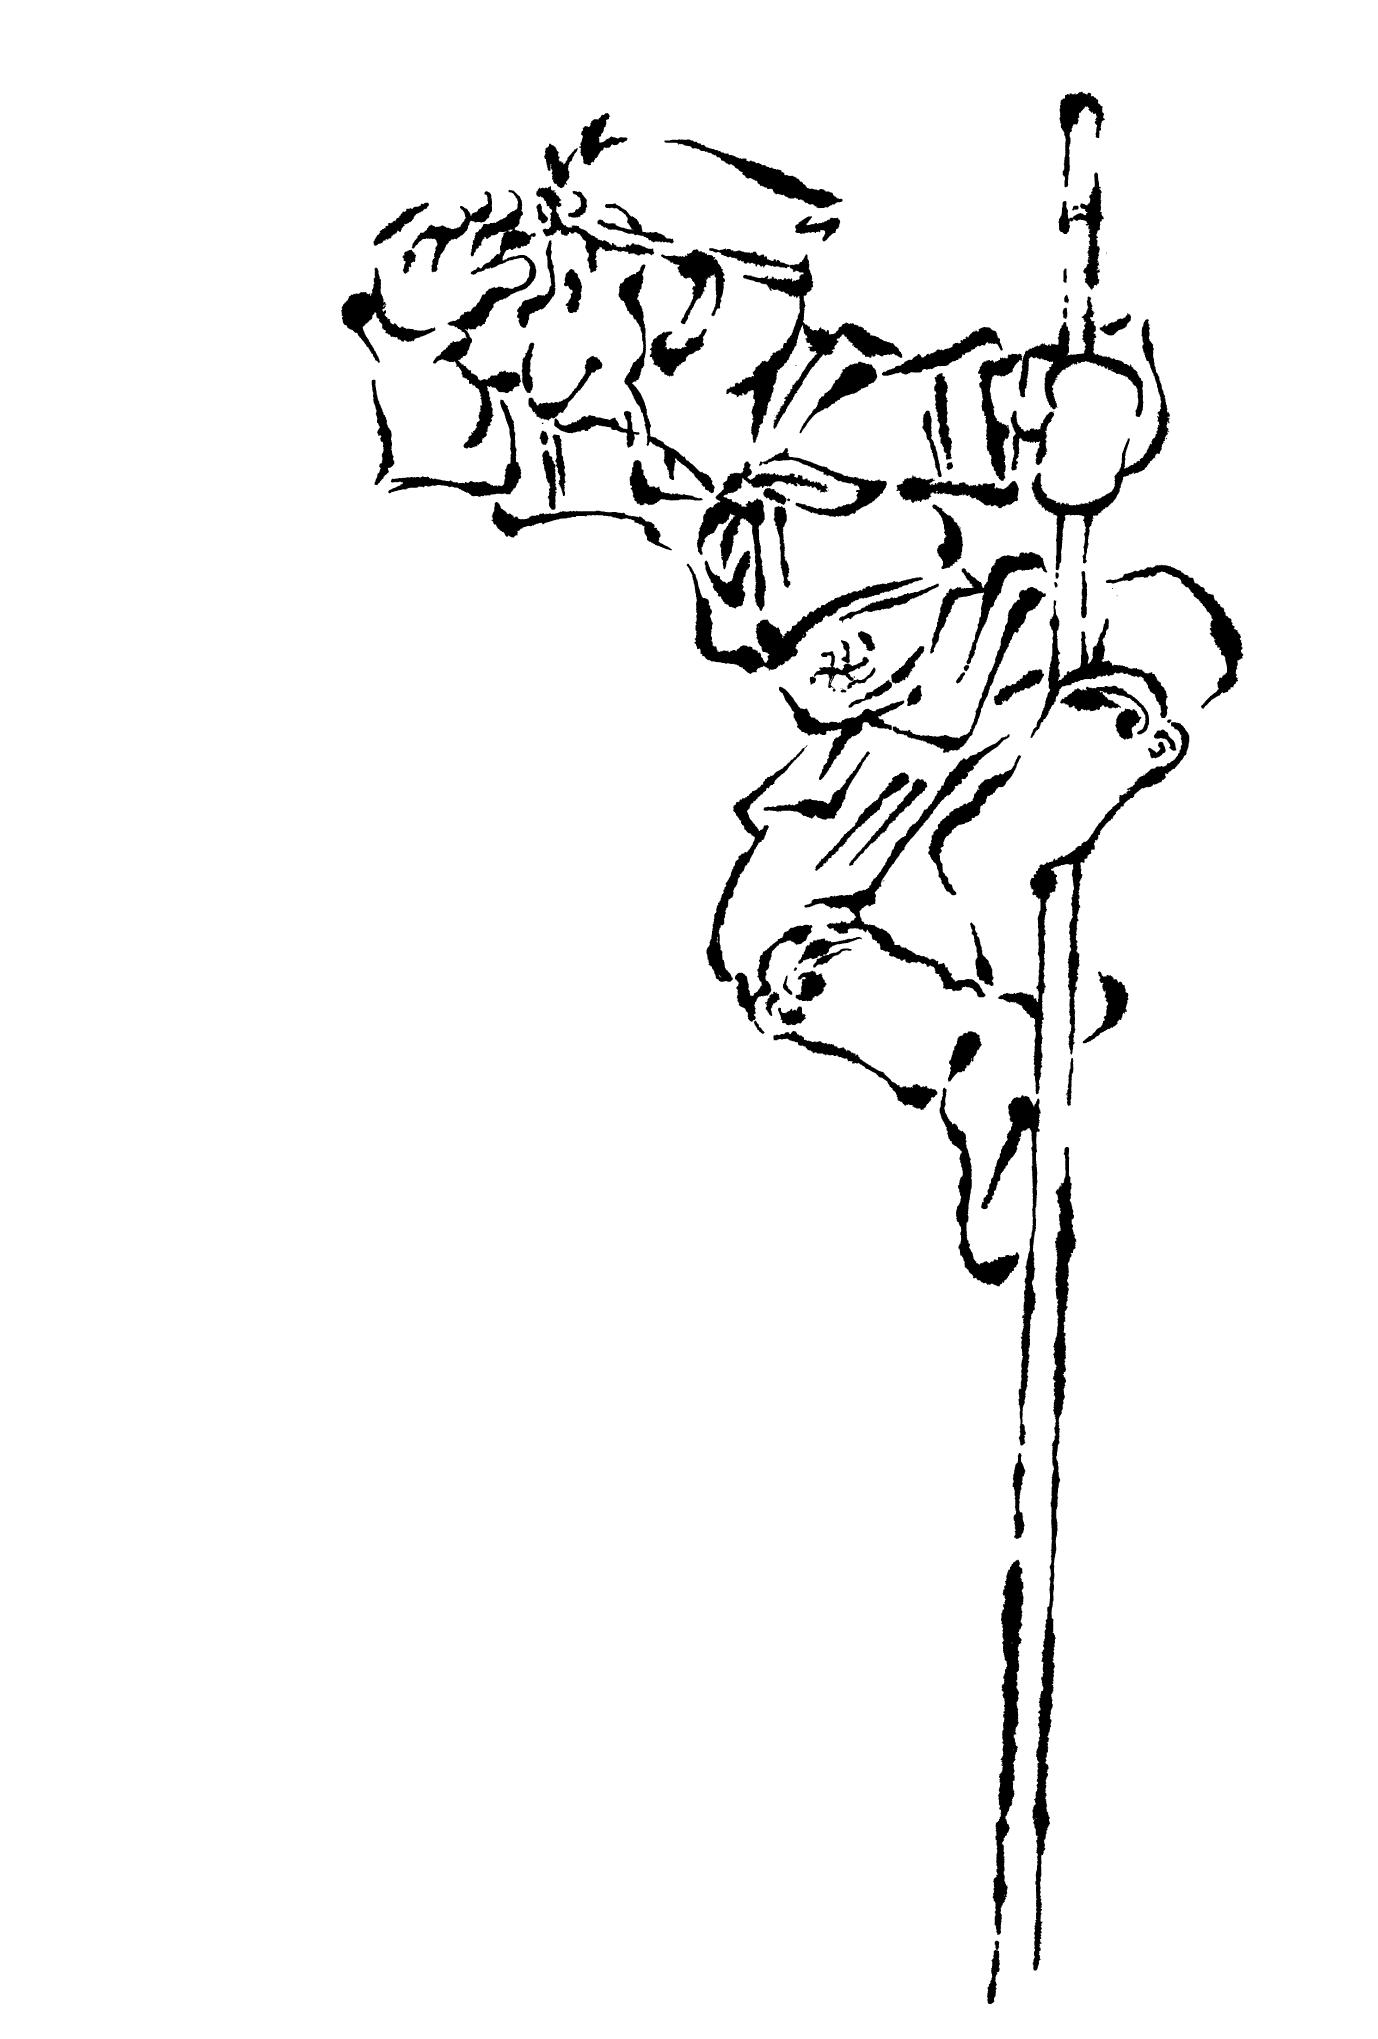 2016年賀状18-3:孫悟空 / line drawingのダウンロード画像